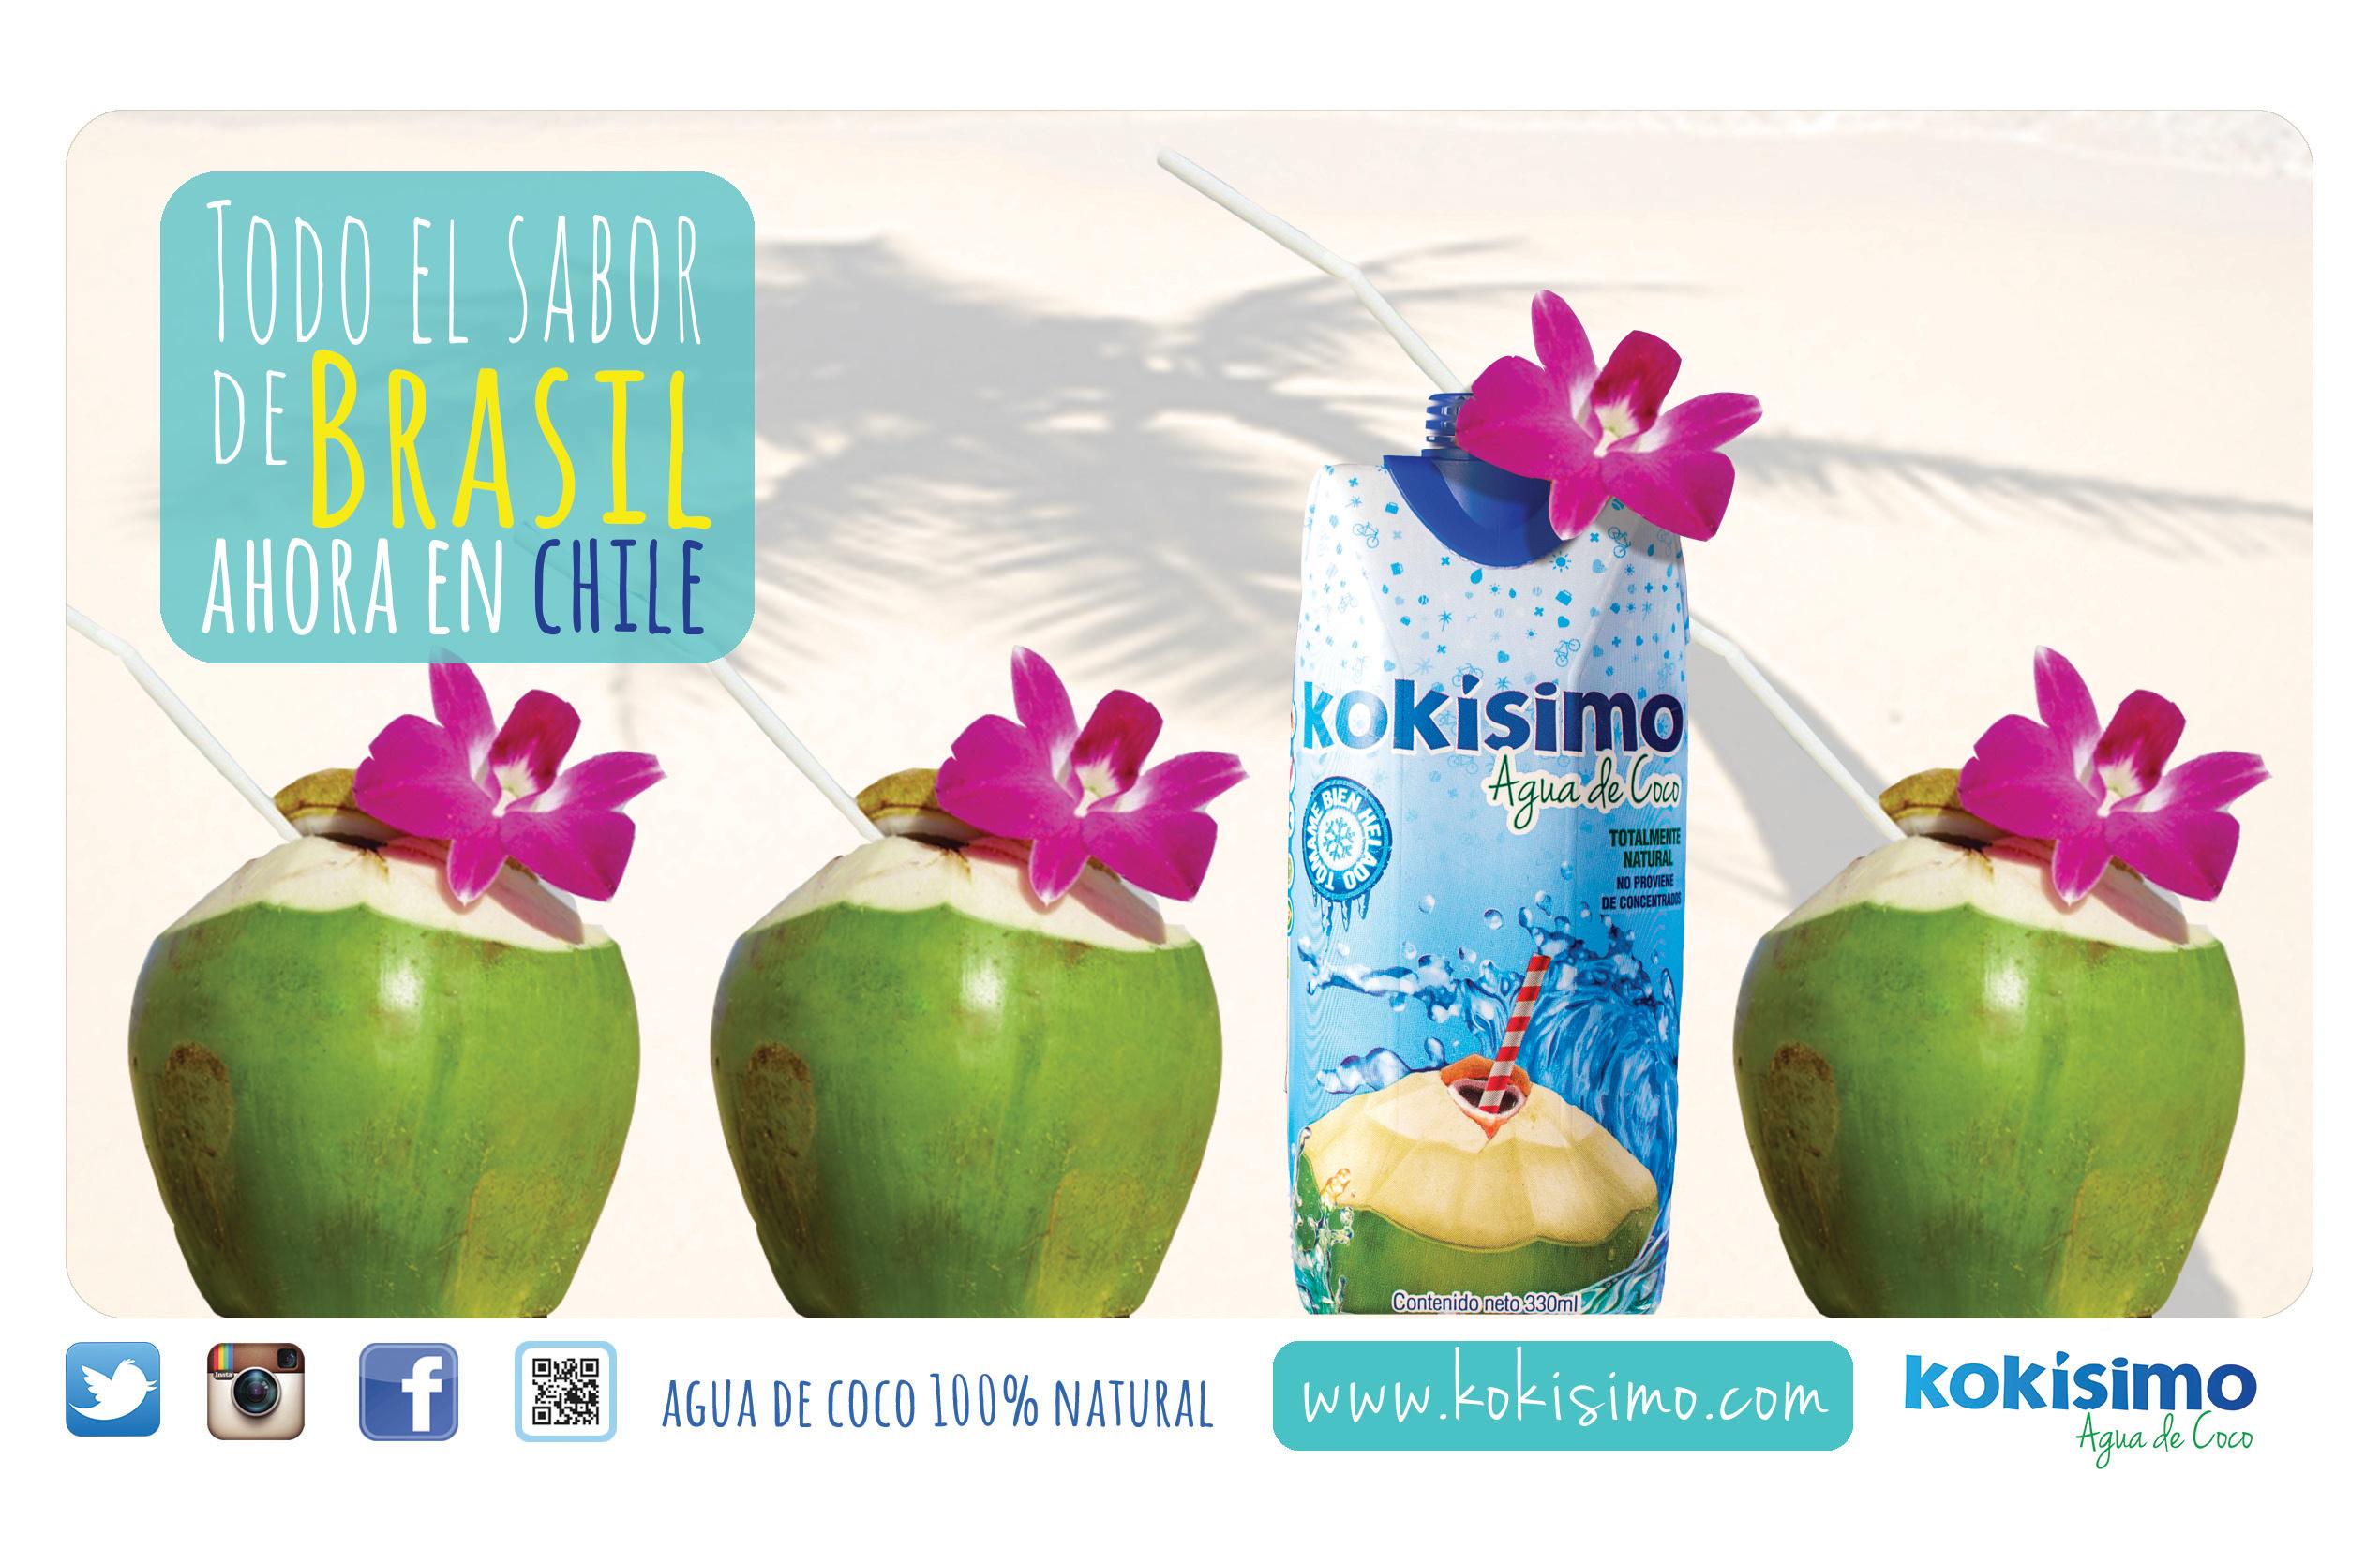 Advertising Brasil